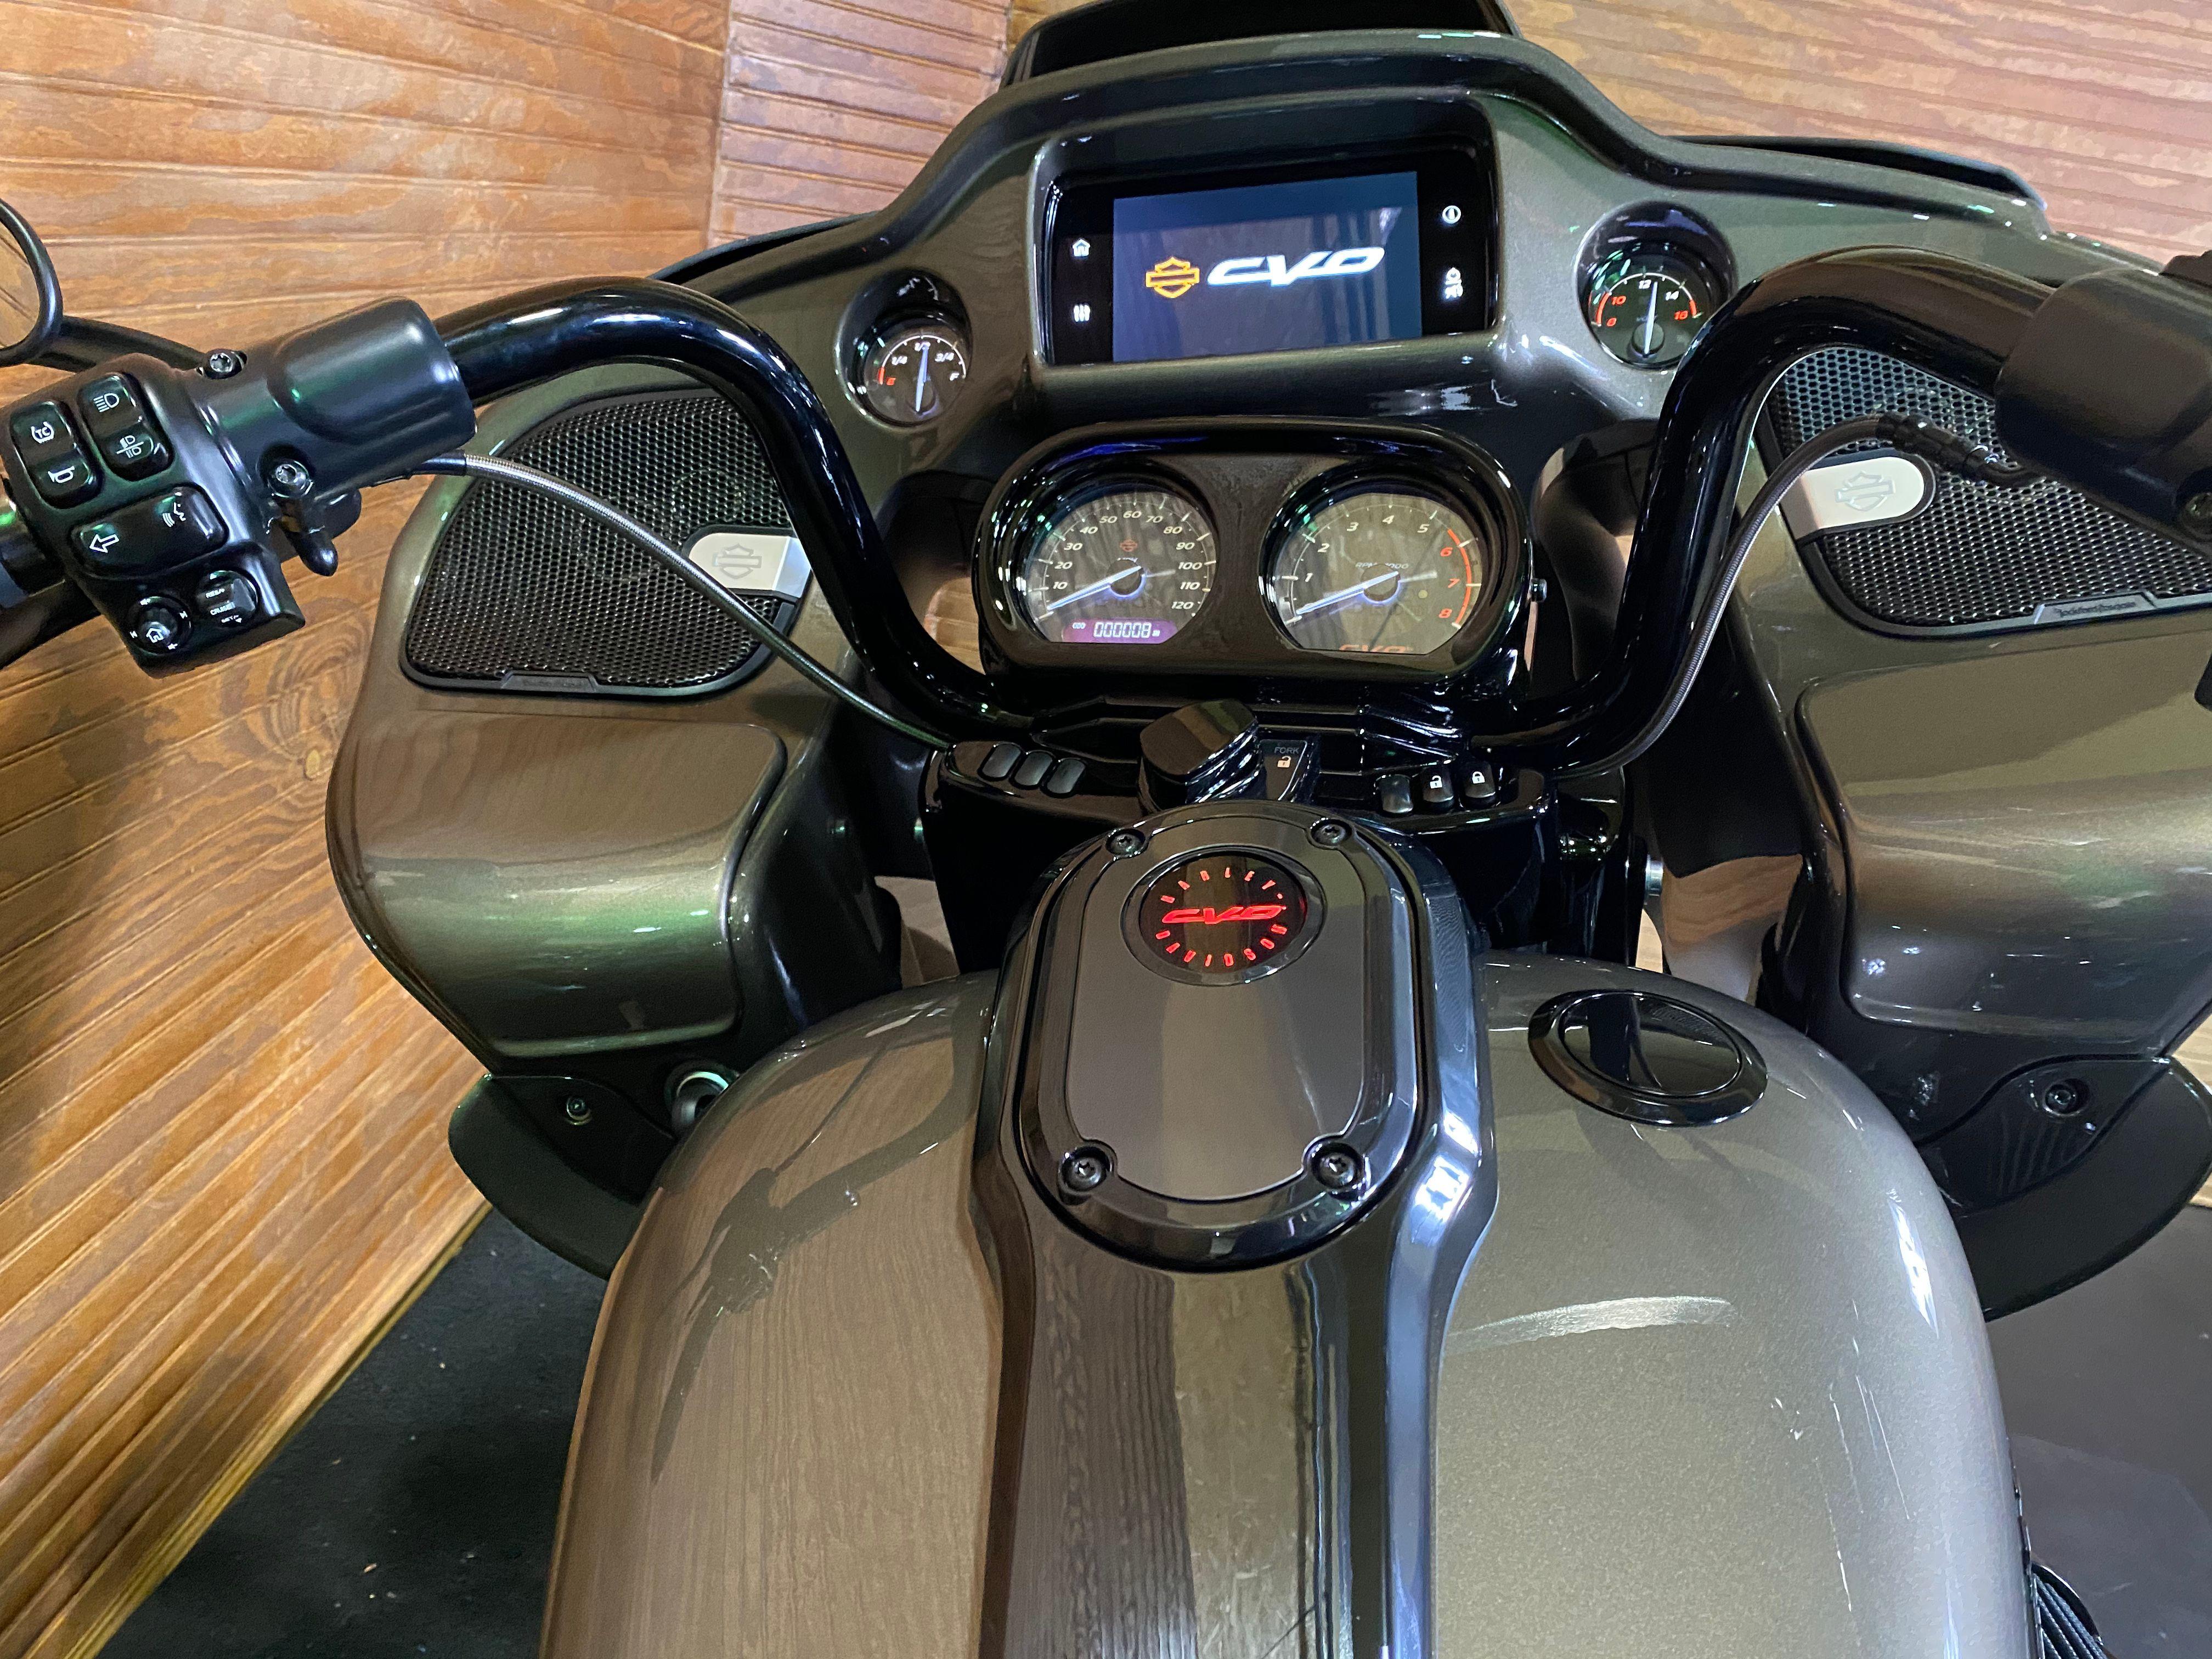 New 2021 Harley-Davidson CVO Road Glide